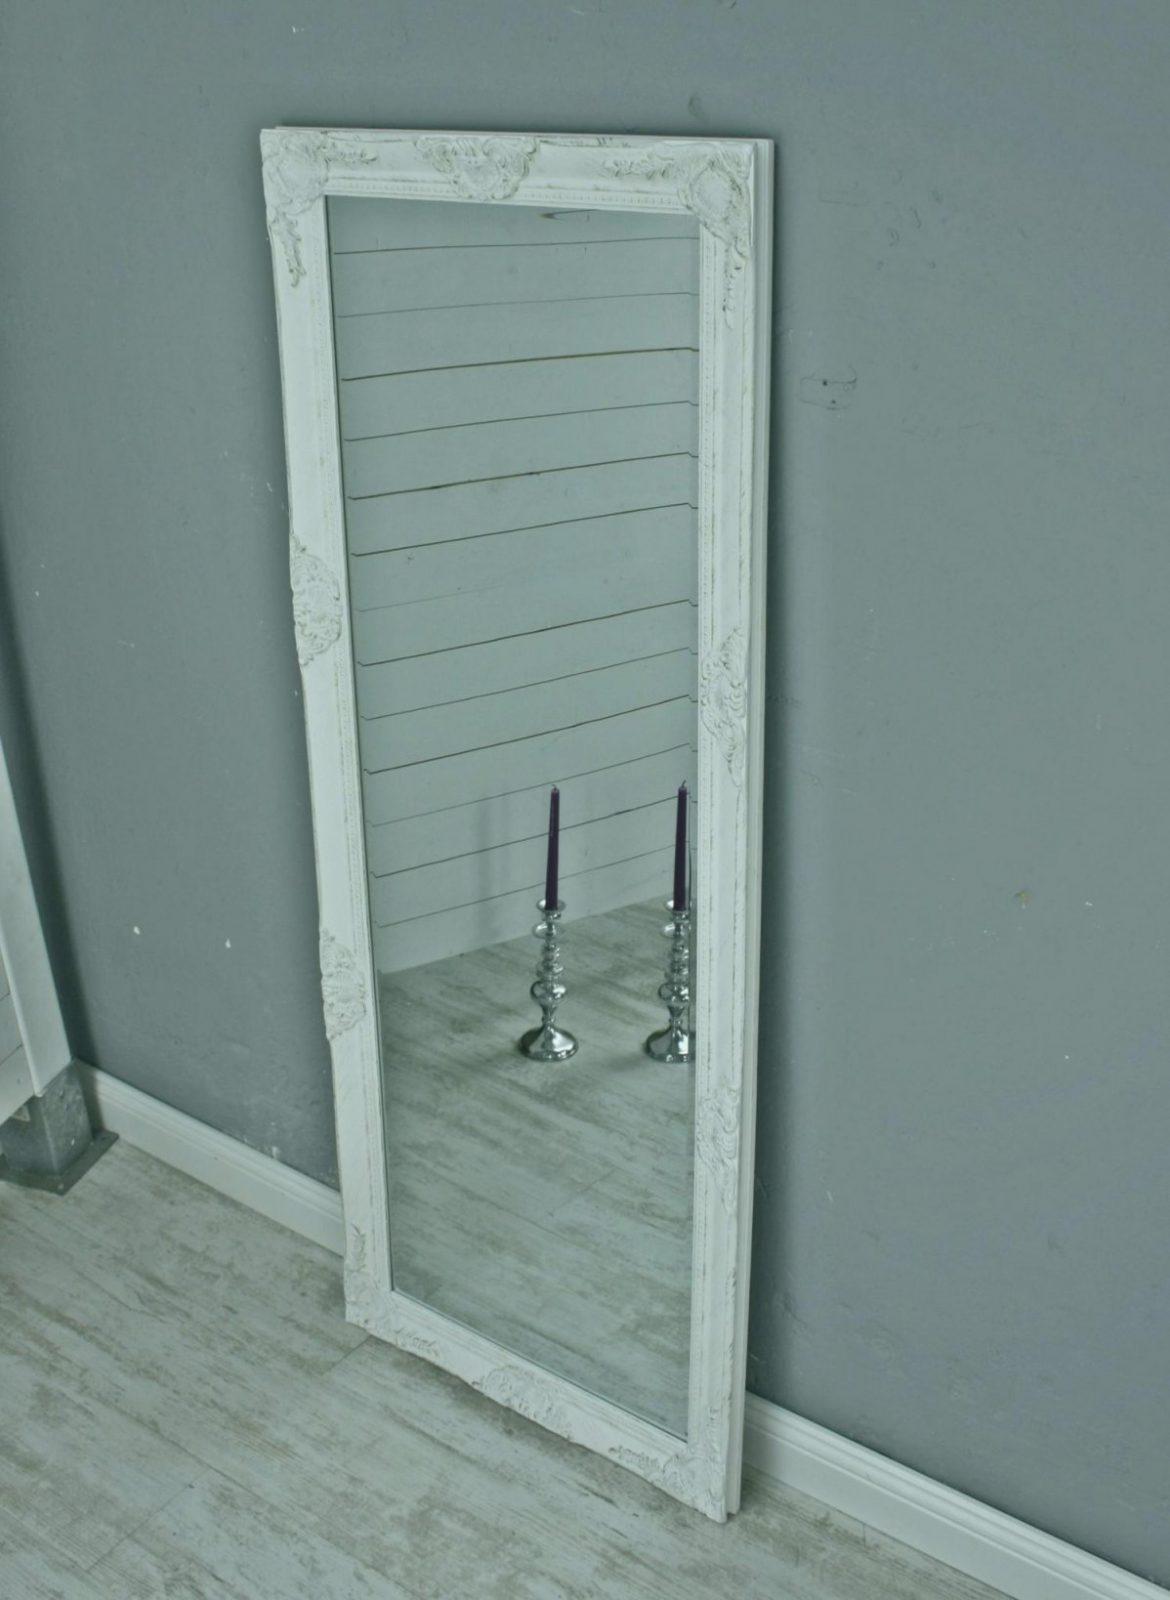 Spiegel Flur Groß Kreativ Spiegel Weiß Antik 150 X 60 Cm Holz von Barock Spiegel Silber Groß Bild